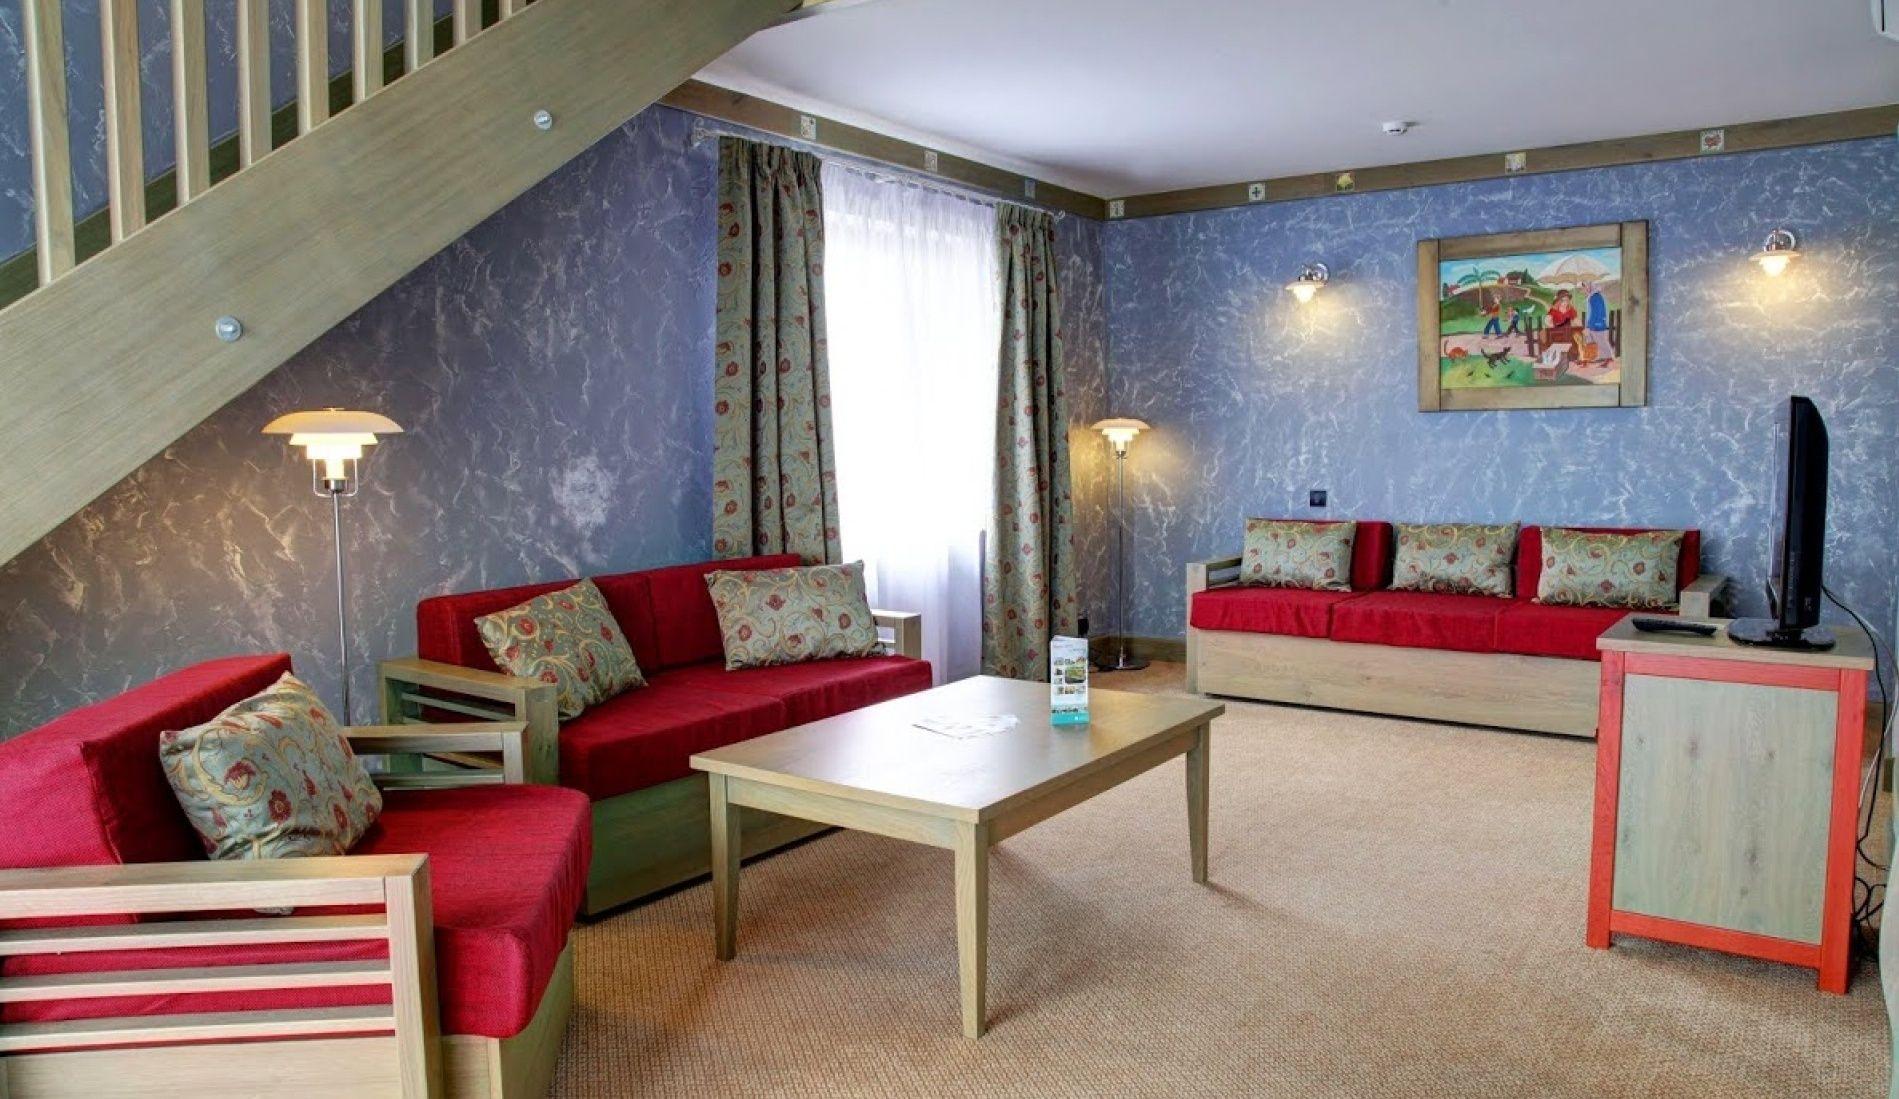 Эвент-отель «Конаково Ривер Клаб» Тверская область Номер «Апартаменты», фото 2